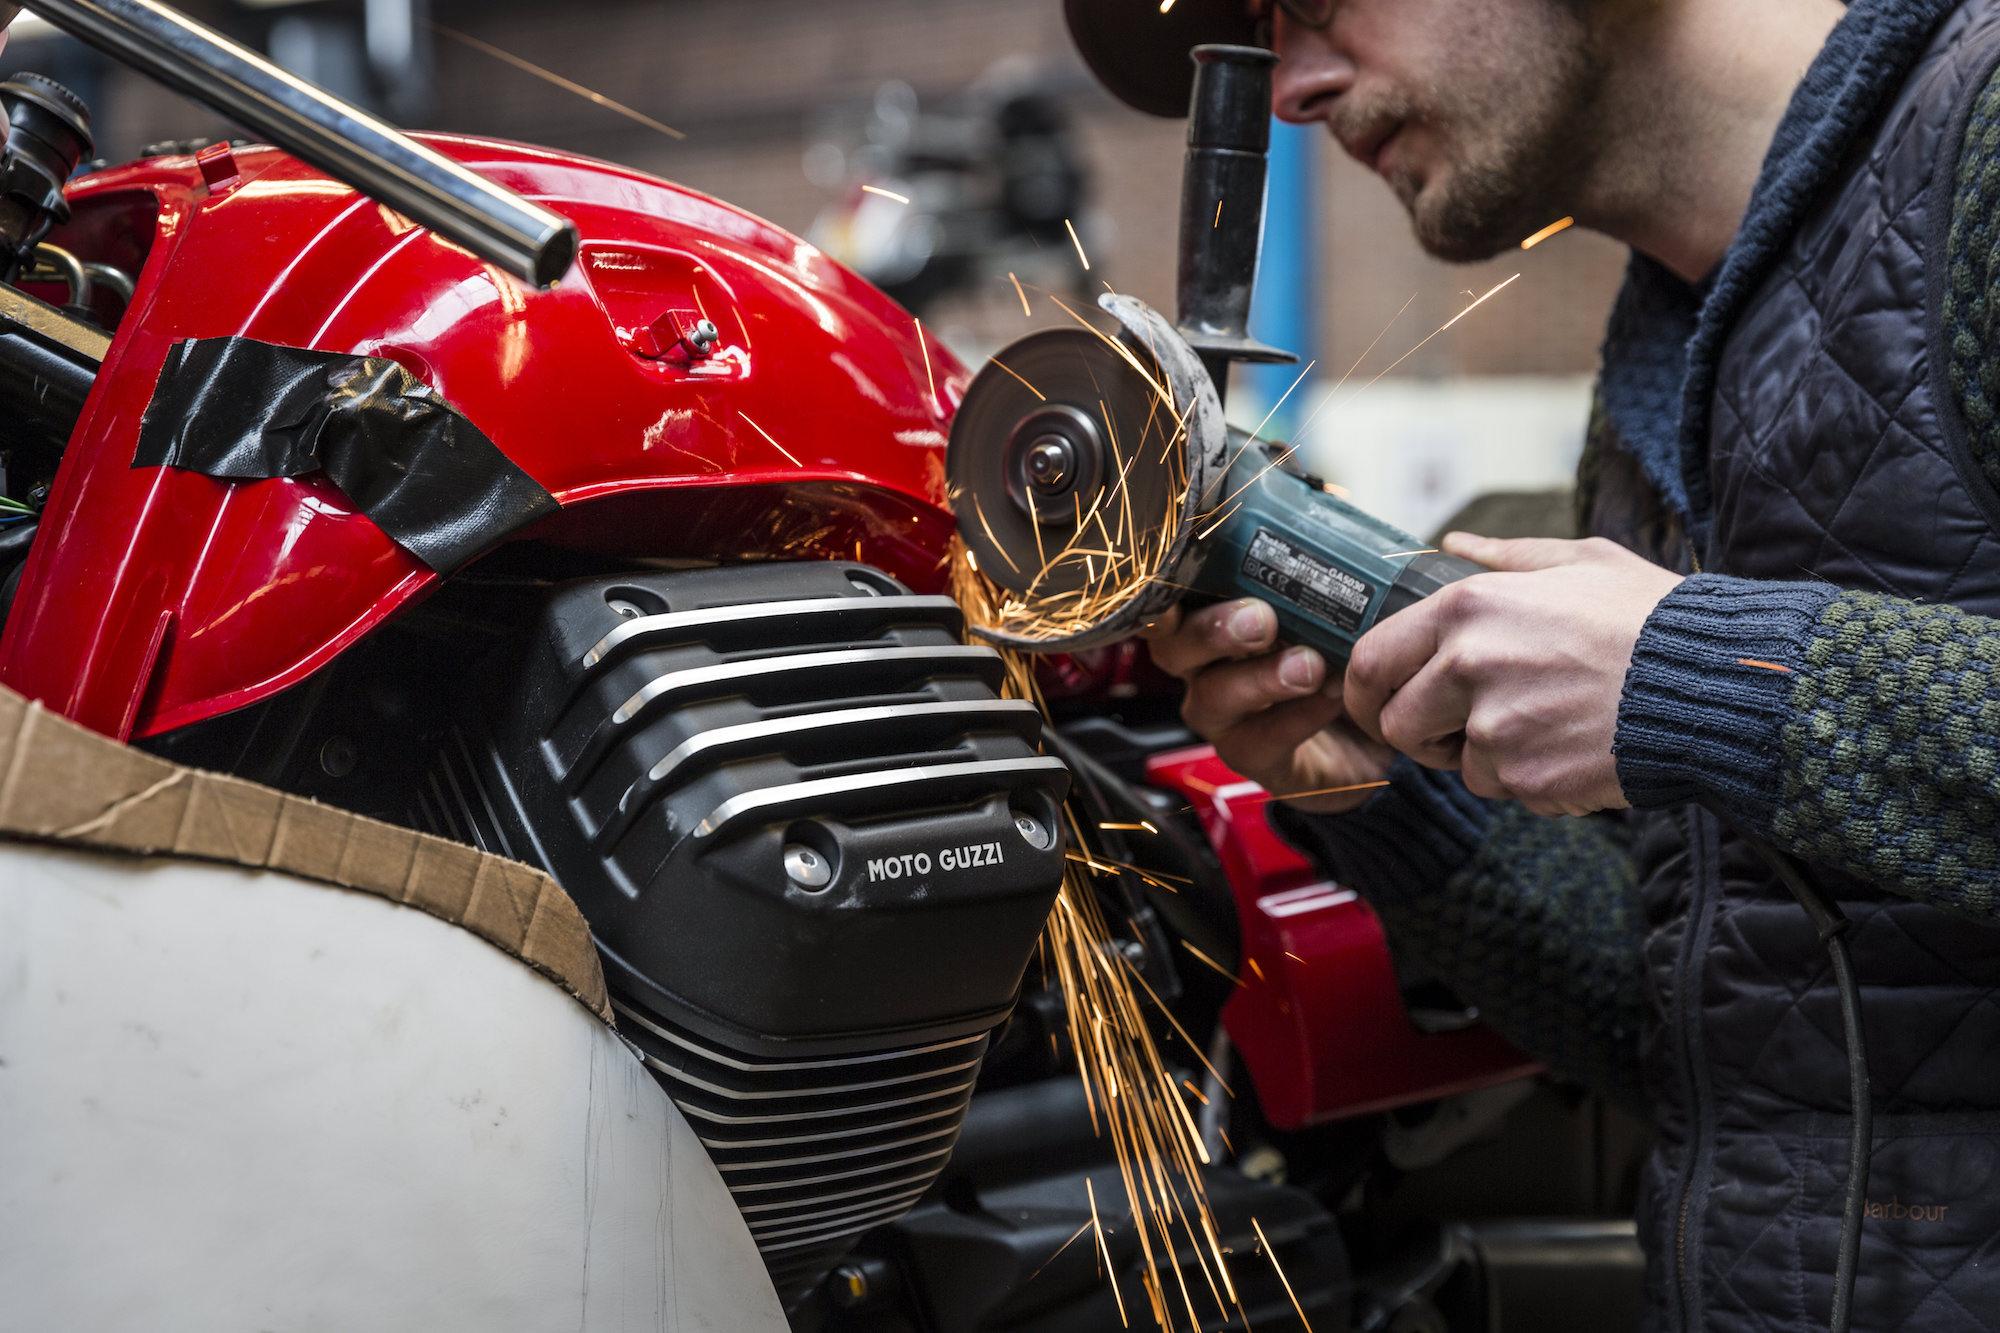 Ebay Motors Motorcycles >> Vanguard Moto Guzzi V8